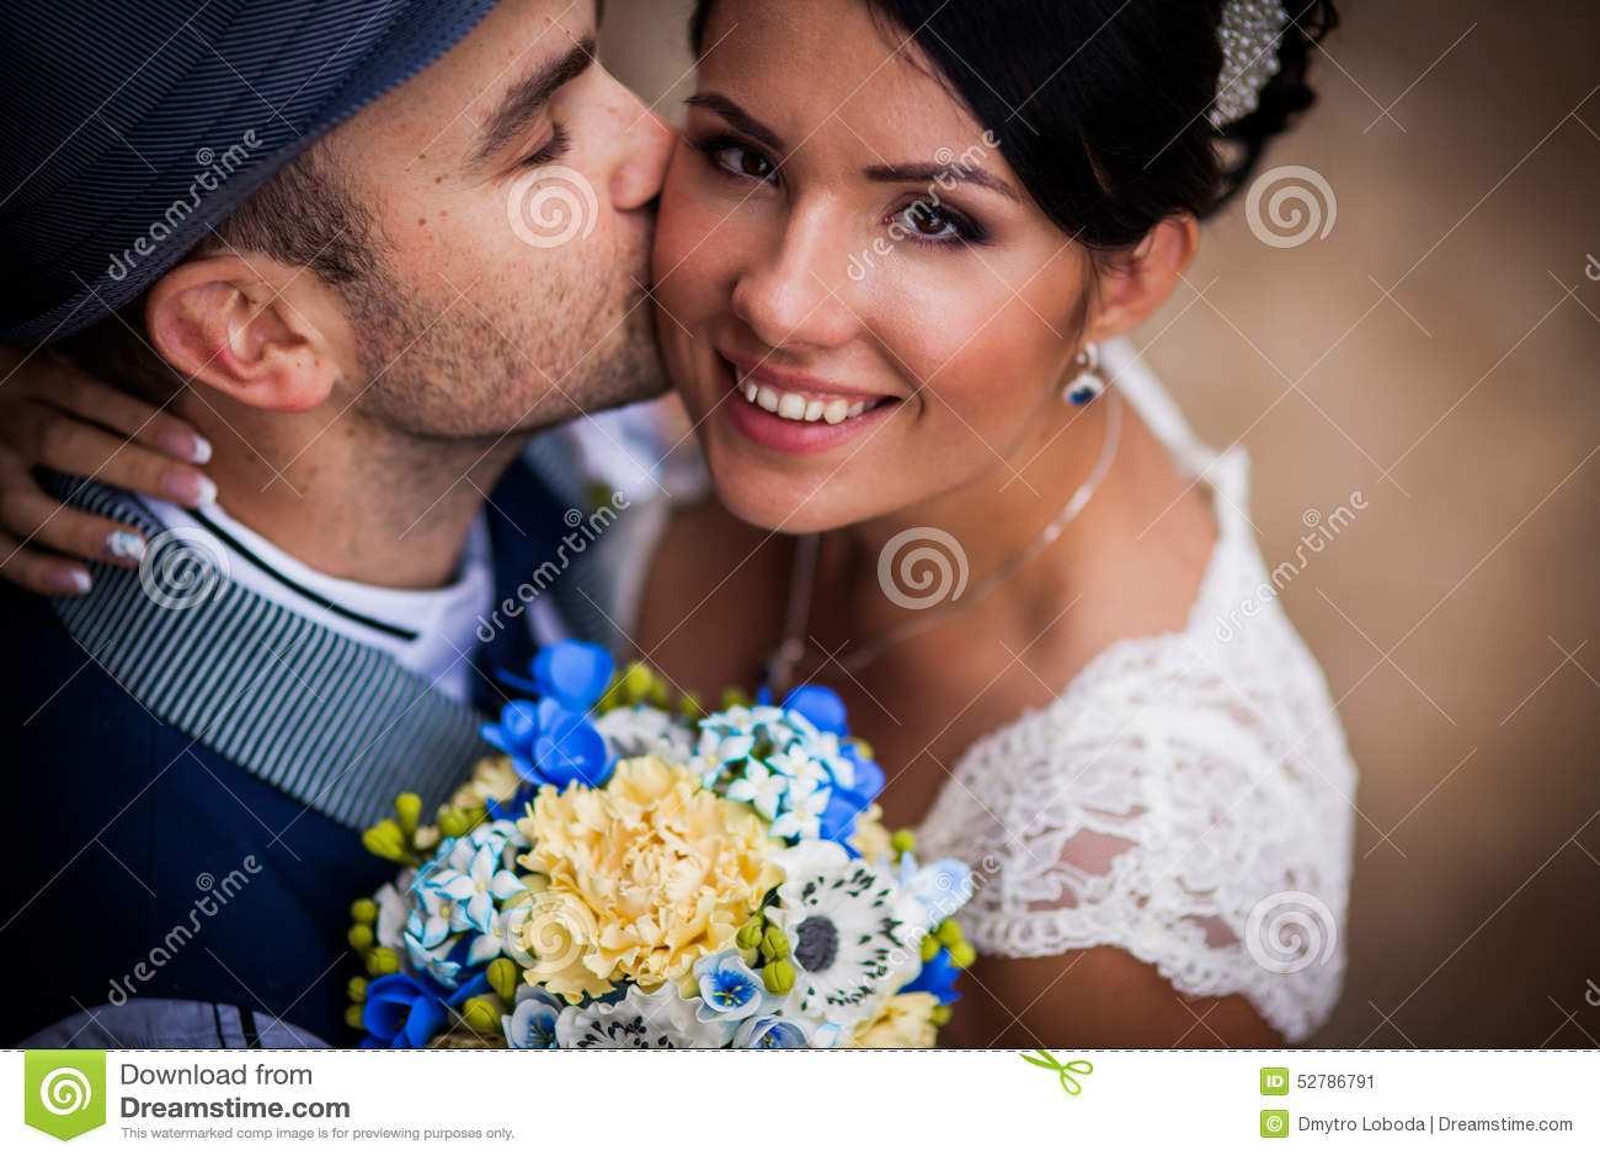 Hut Hochzeit Kuss Stockbild Bild Von Kleid Inneres 52786791